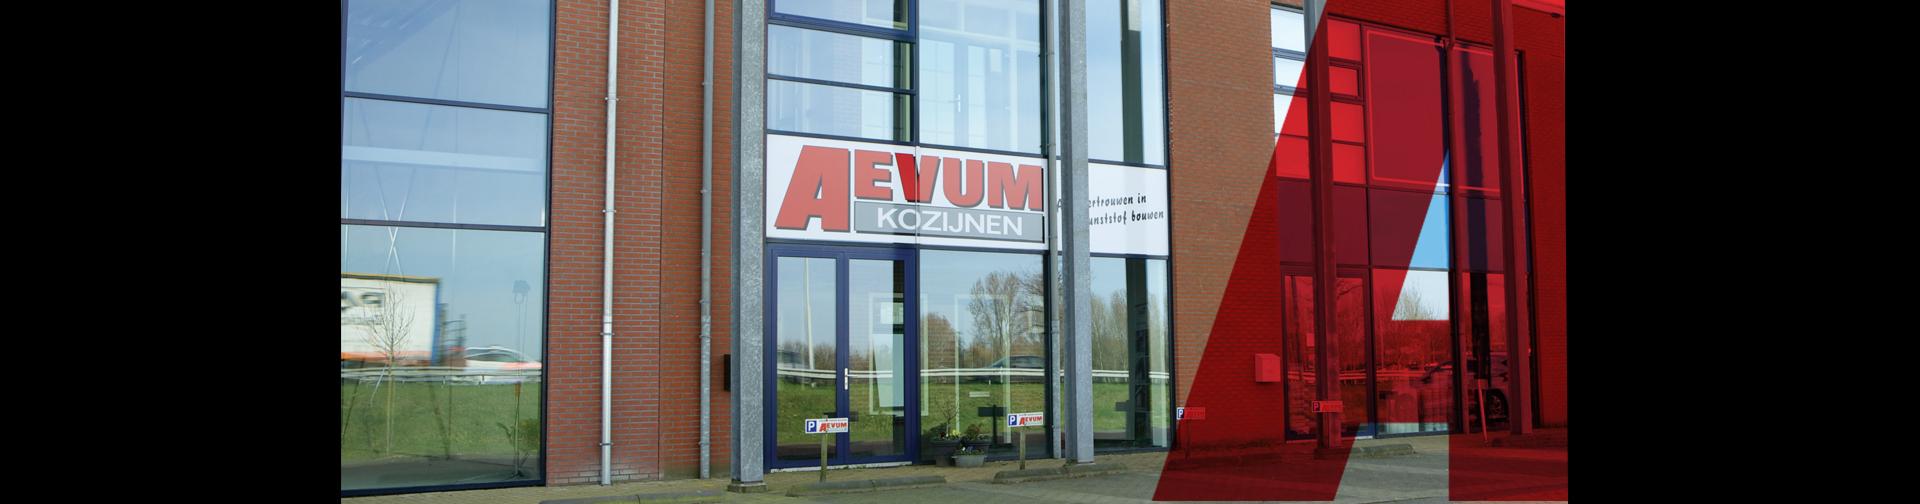 Aevum-kozijnen Heemskerk